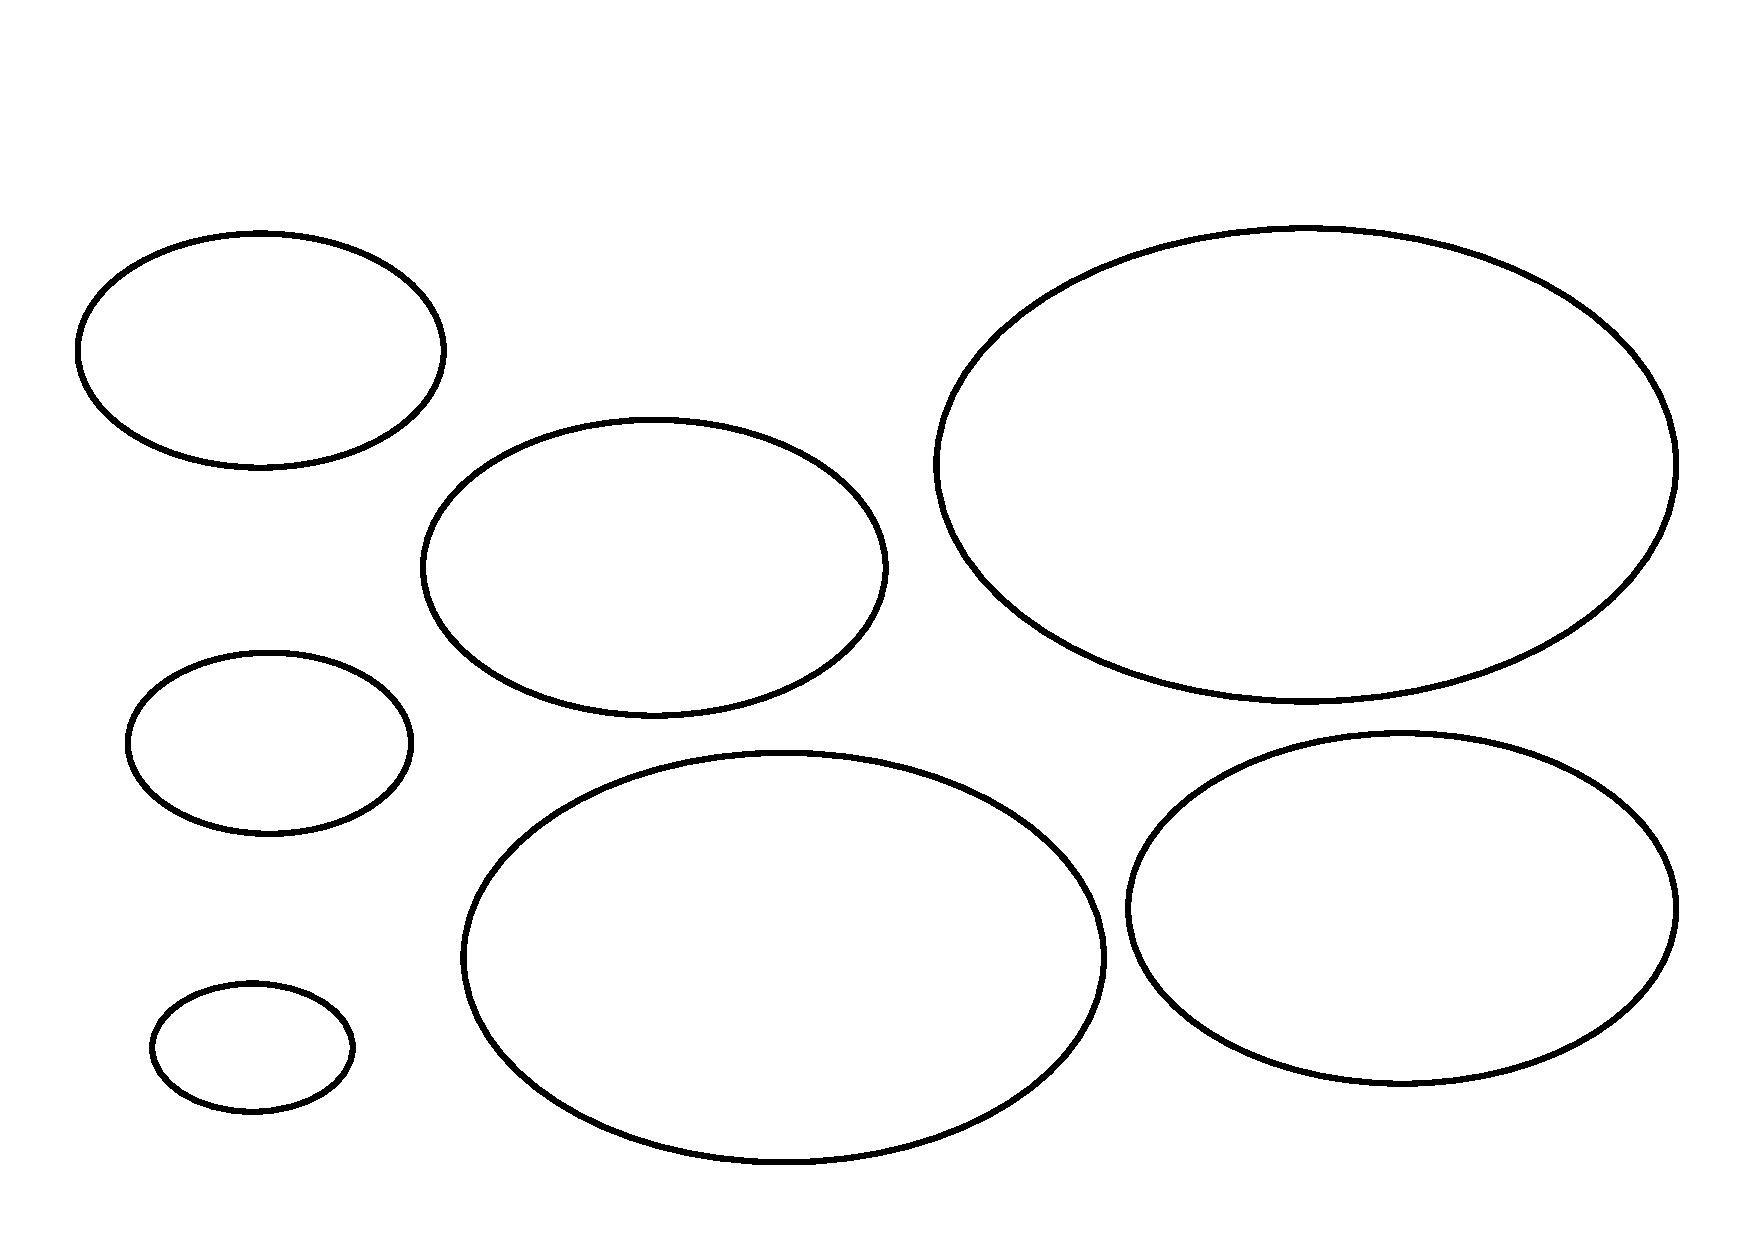 okul_öncesinde_geometrik_şekiller_kesme_çalışmaları _güzel